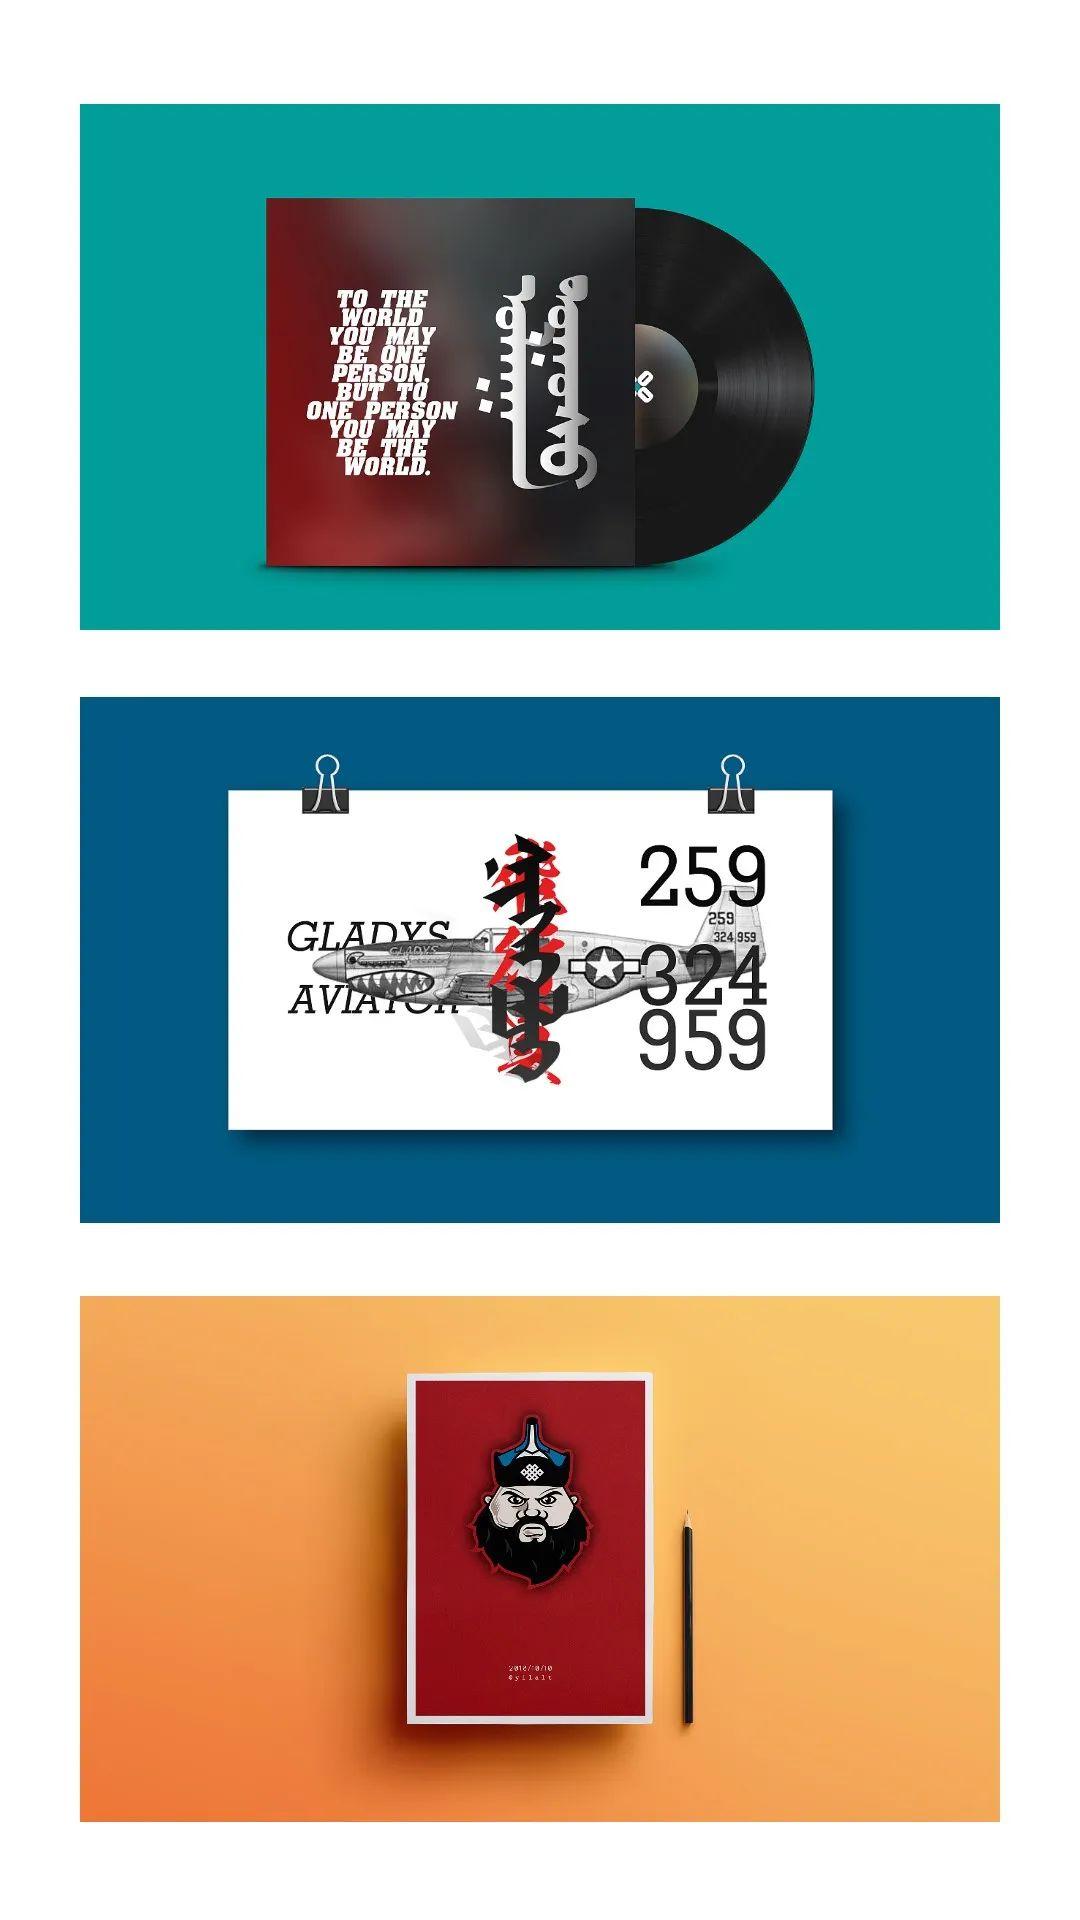 超赞的蒙元素设计-看完马上收藏 #Hotoch-Design#设计案例 第12张